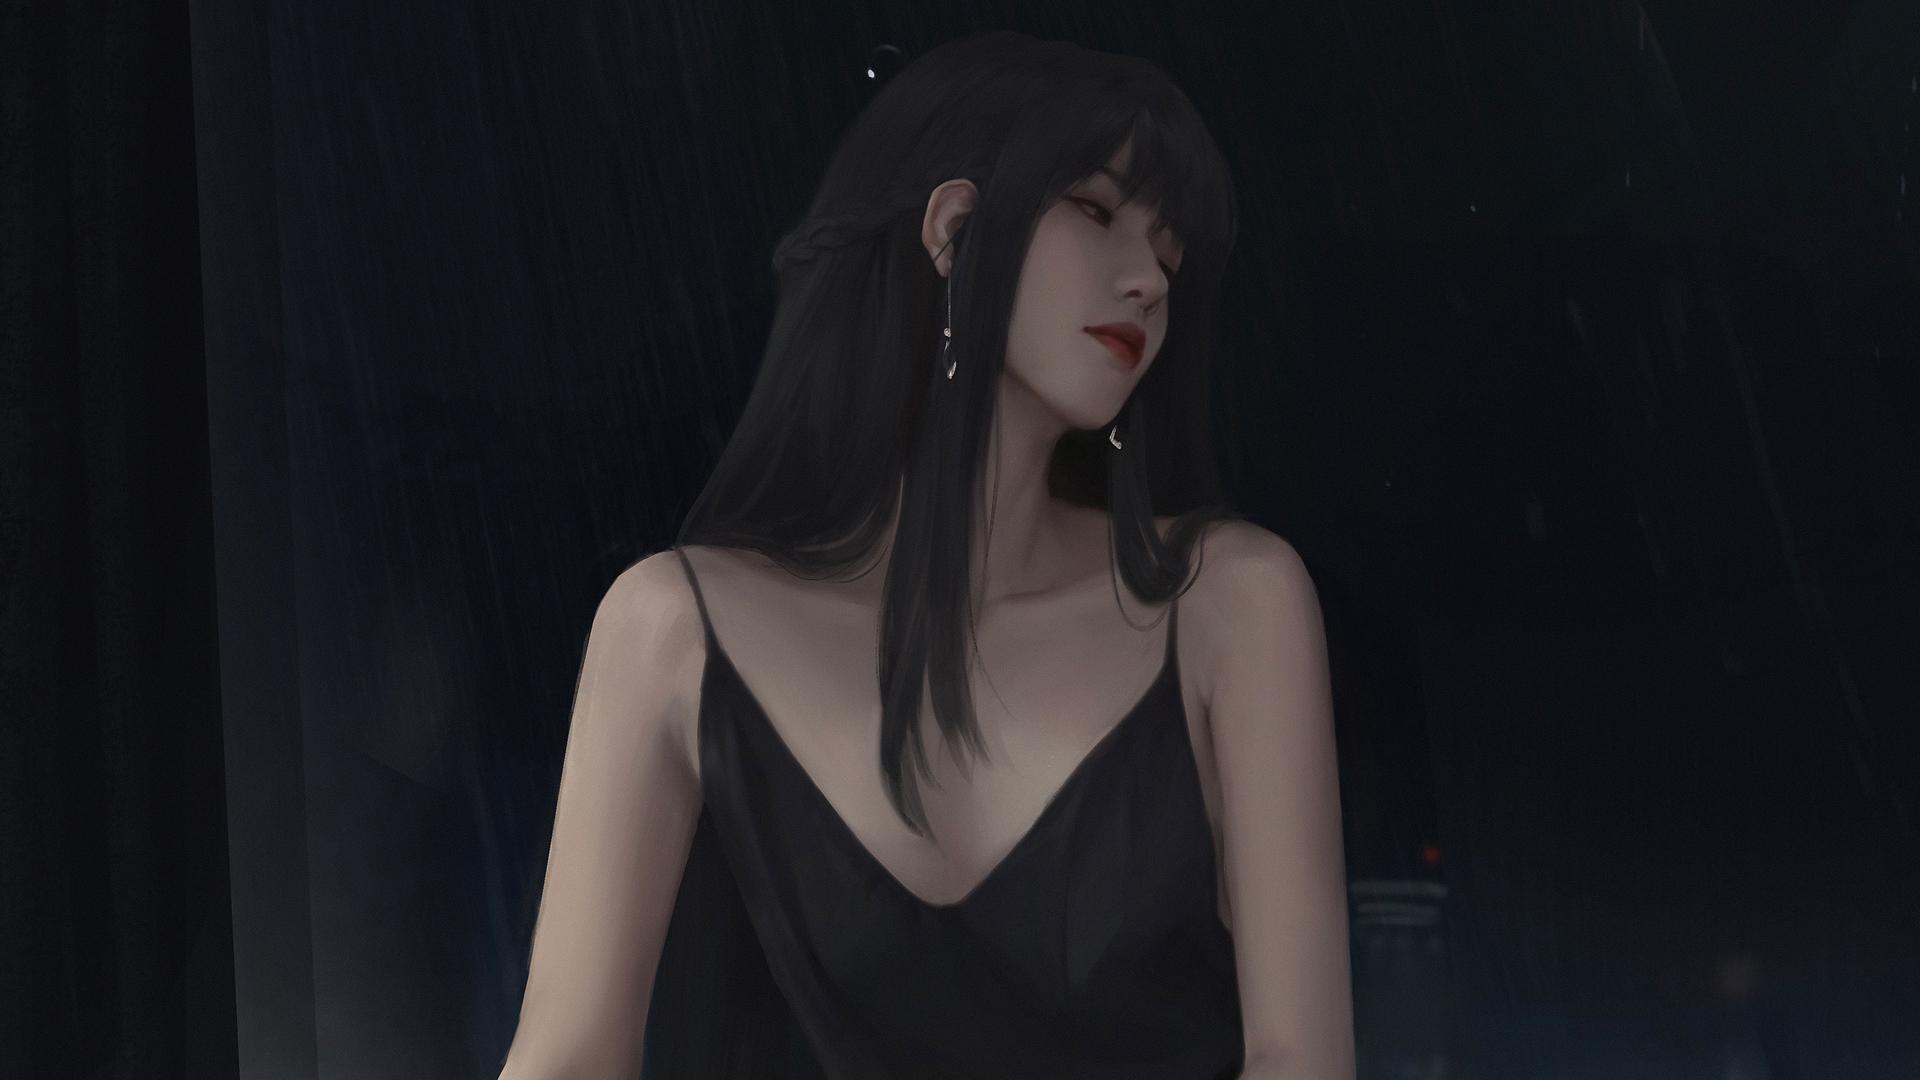 穿黑色吊带裙长发动漫美女高清壁纸(1920×1080)